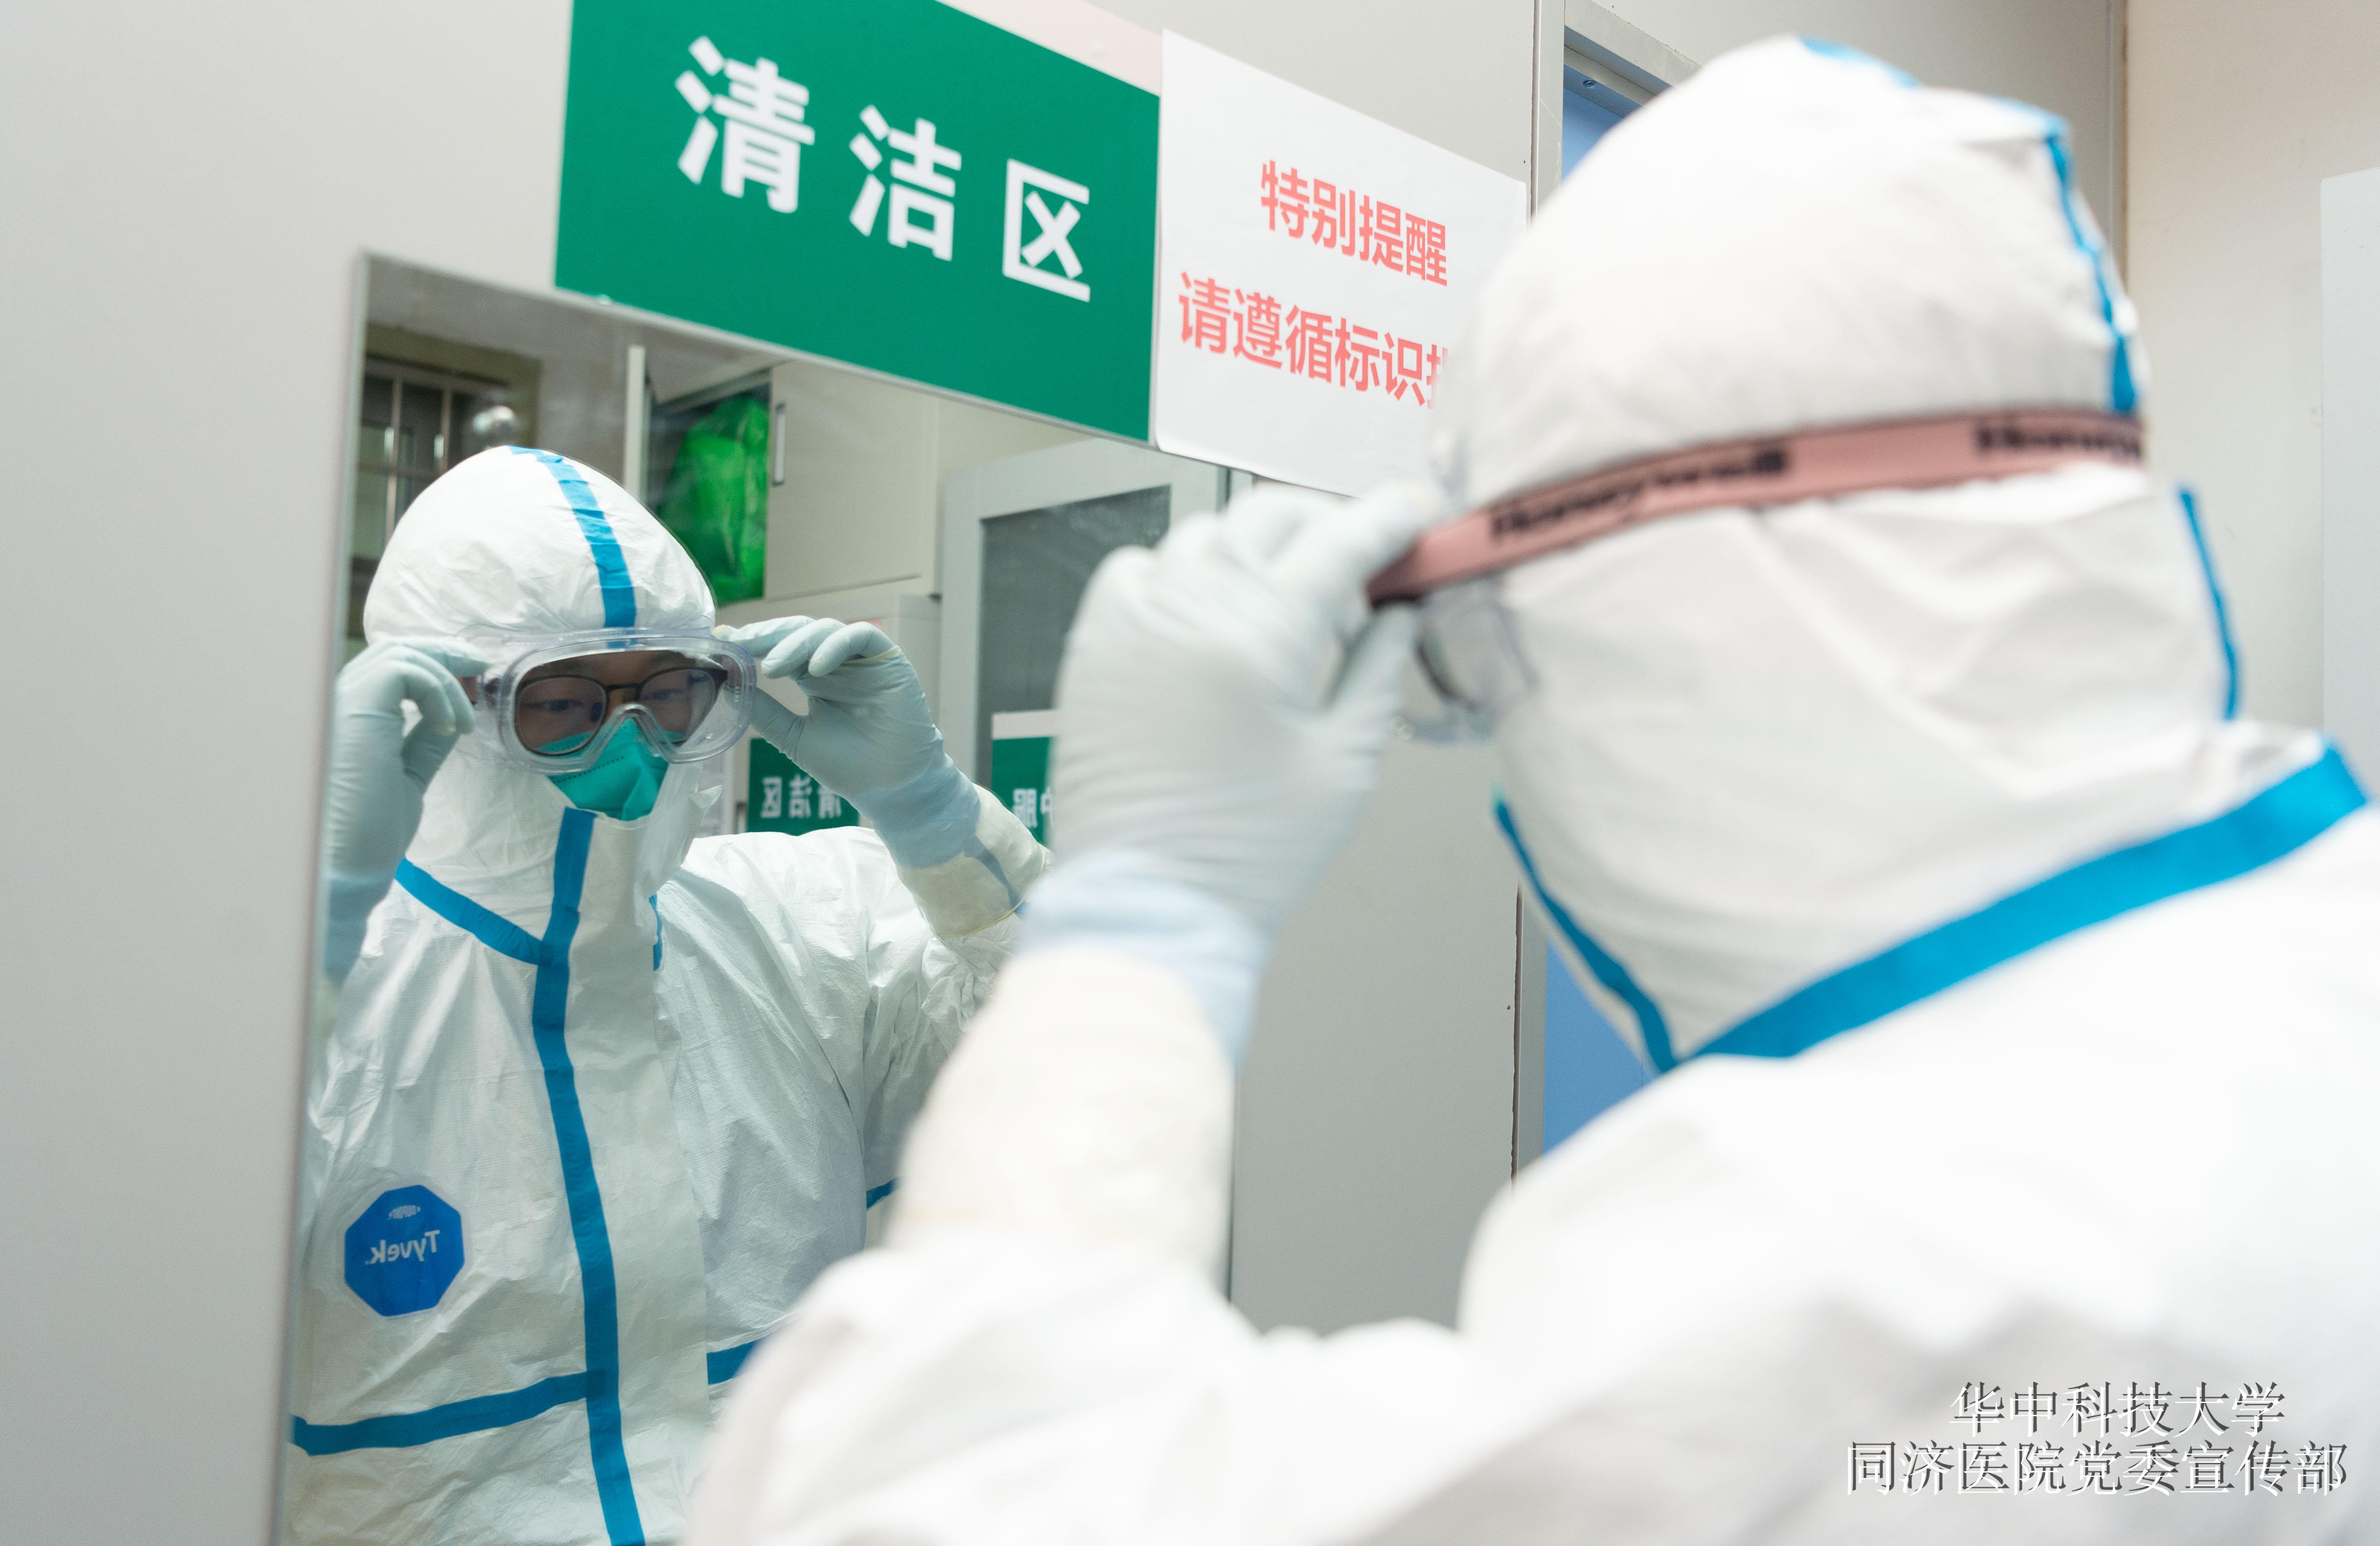 核酸阴性也不能排除新冠病毒感染!病毒变异了?专家释疑